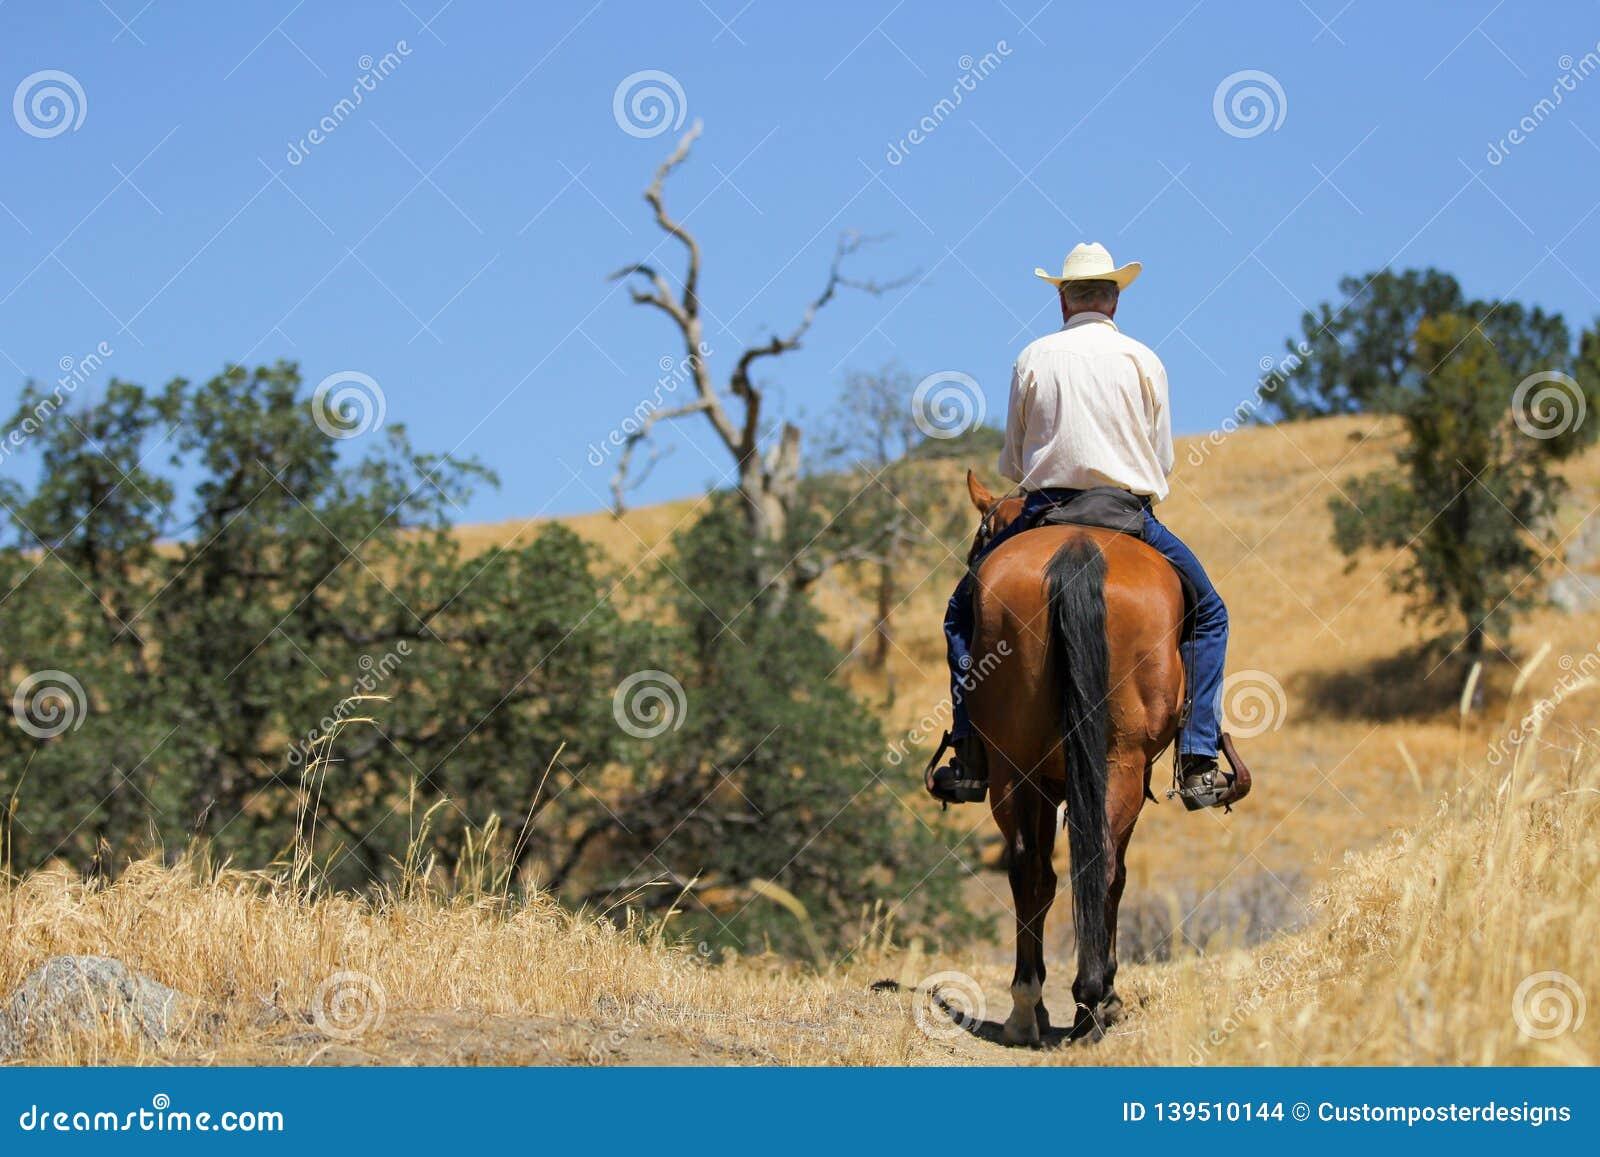 Pferd und Cowboy auf einem Gebirgspfad